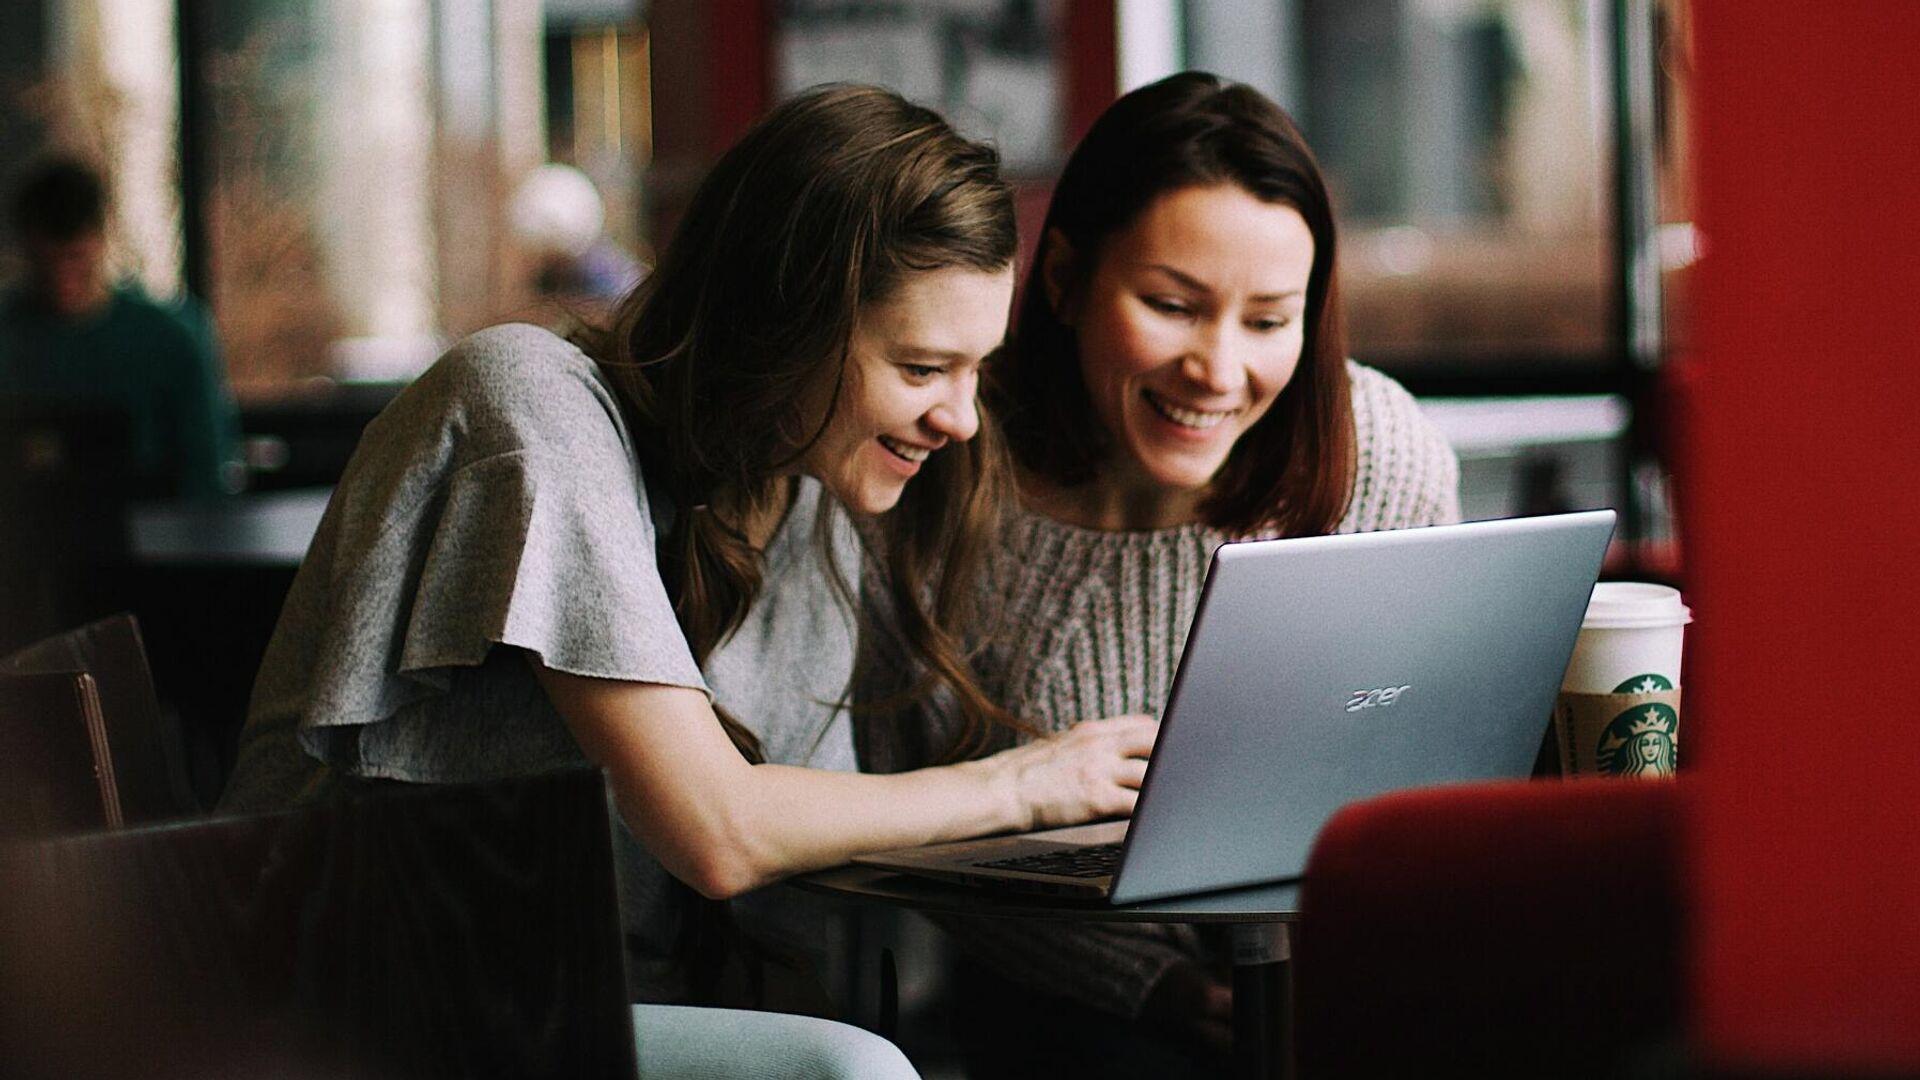 Unas jóvenes usan un ordenador portátil - Sputnik Mundo, 1920, 27.09.2021